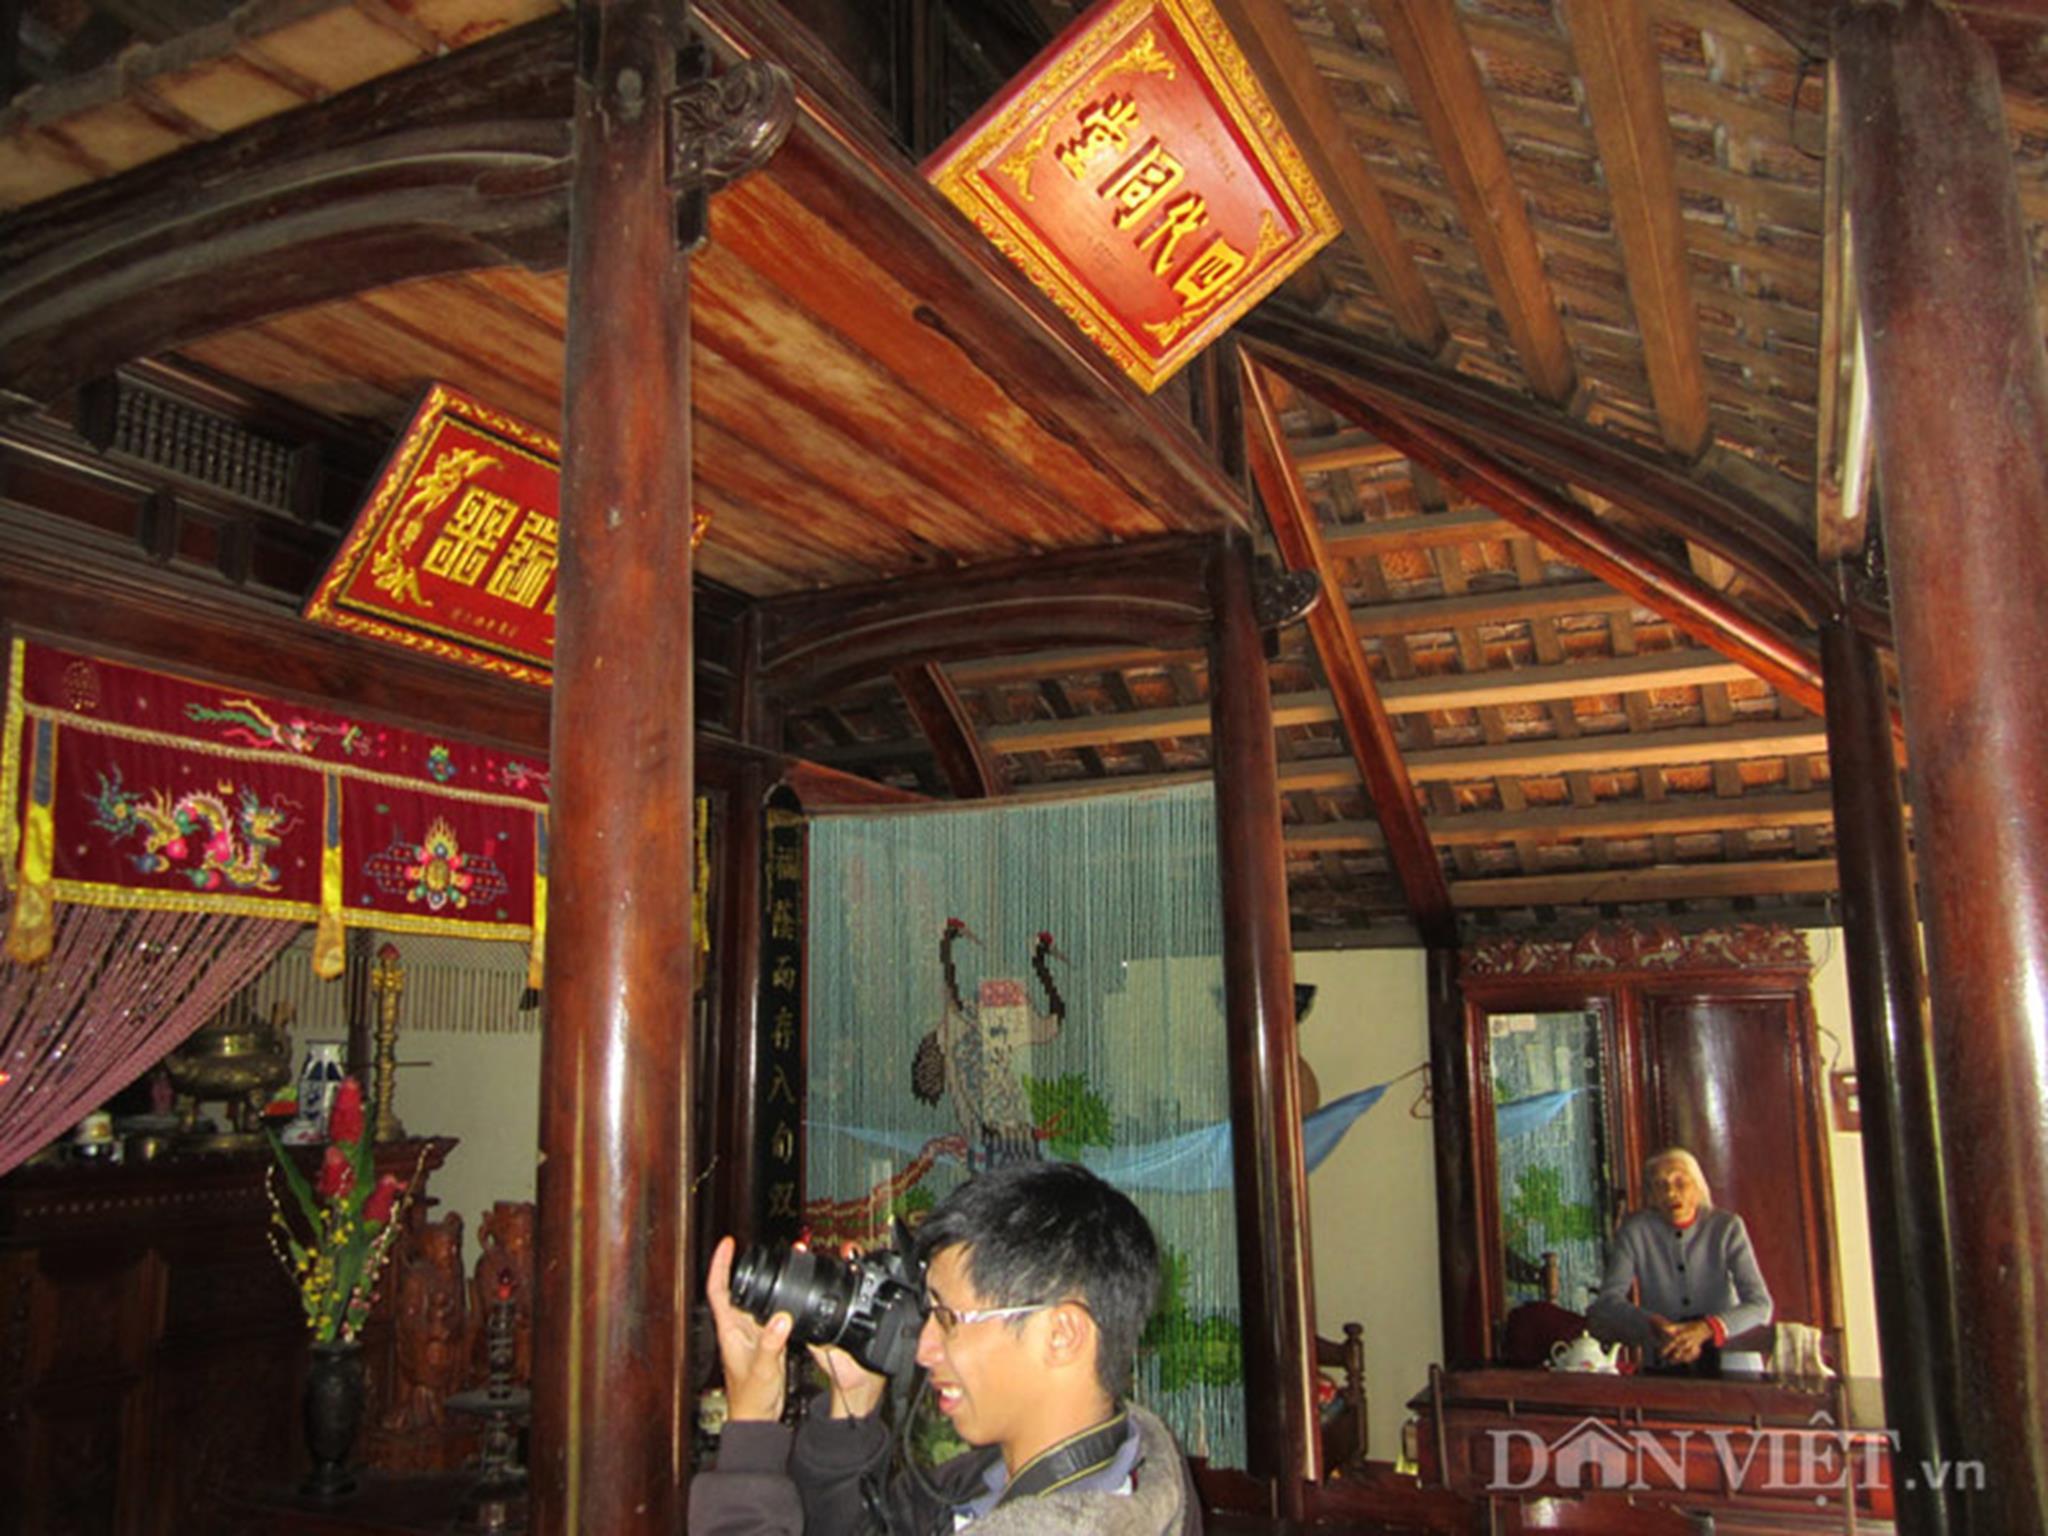 Bên trong căn nhà rường của bà Dương Thị Hường (96 tuổi). Nhà rường thường là nhà ba gian.